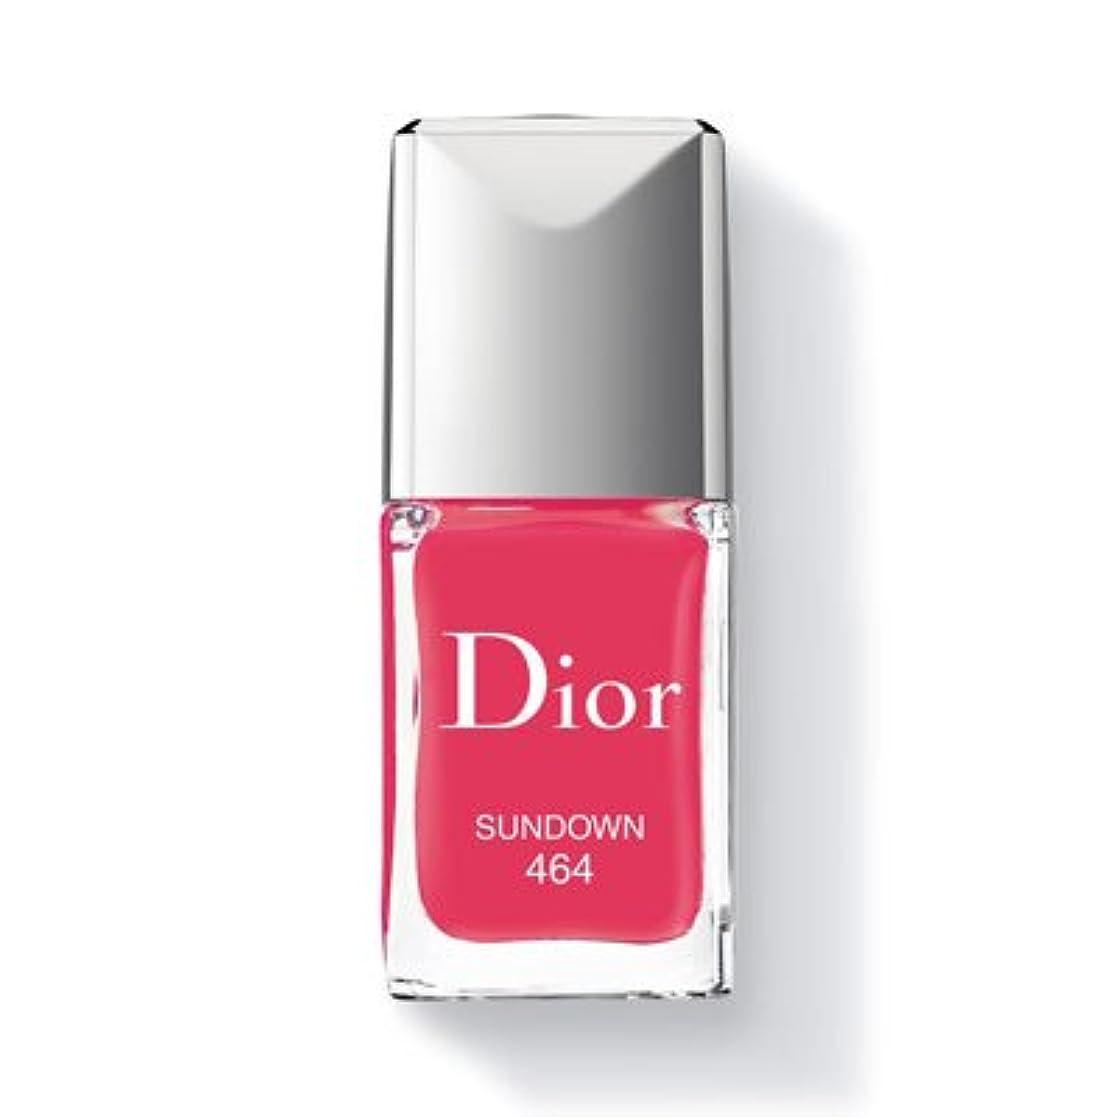 かろうじて区別するセグメントChristian Dior クリスチャン ディオール ディオール ヴェルニ #464 SUNDOWN 10ml [並行輸入品]